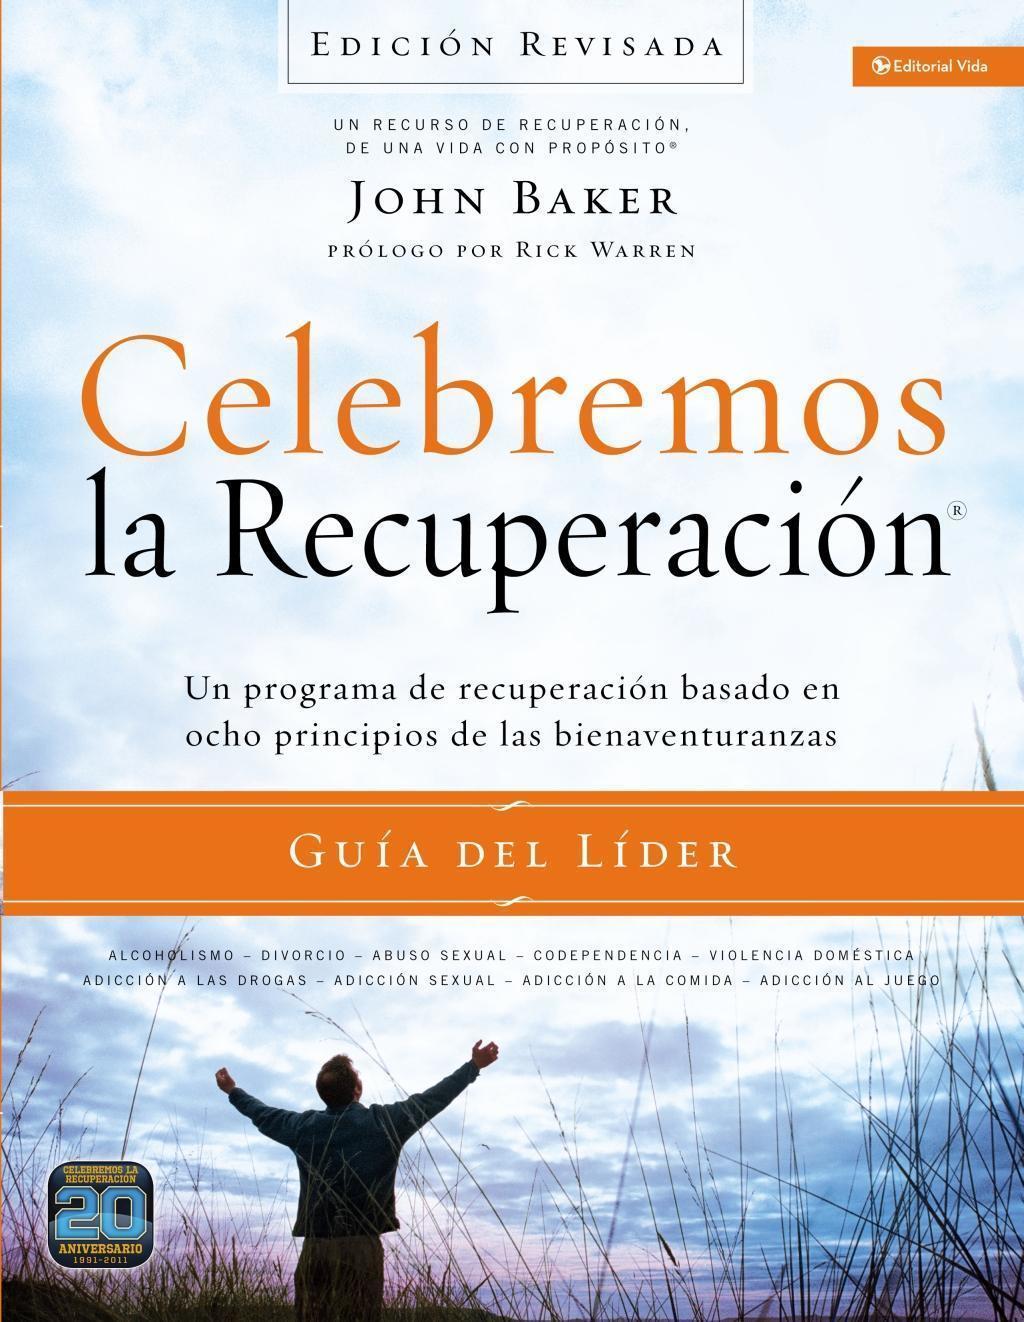 Celebremos la recuperación Guía del líder - Edición Revisada